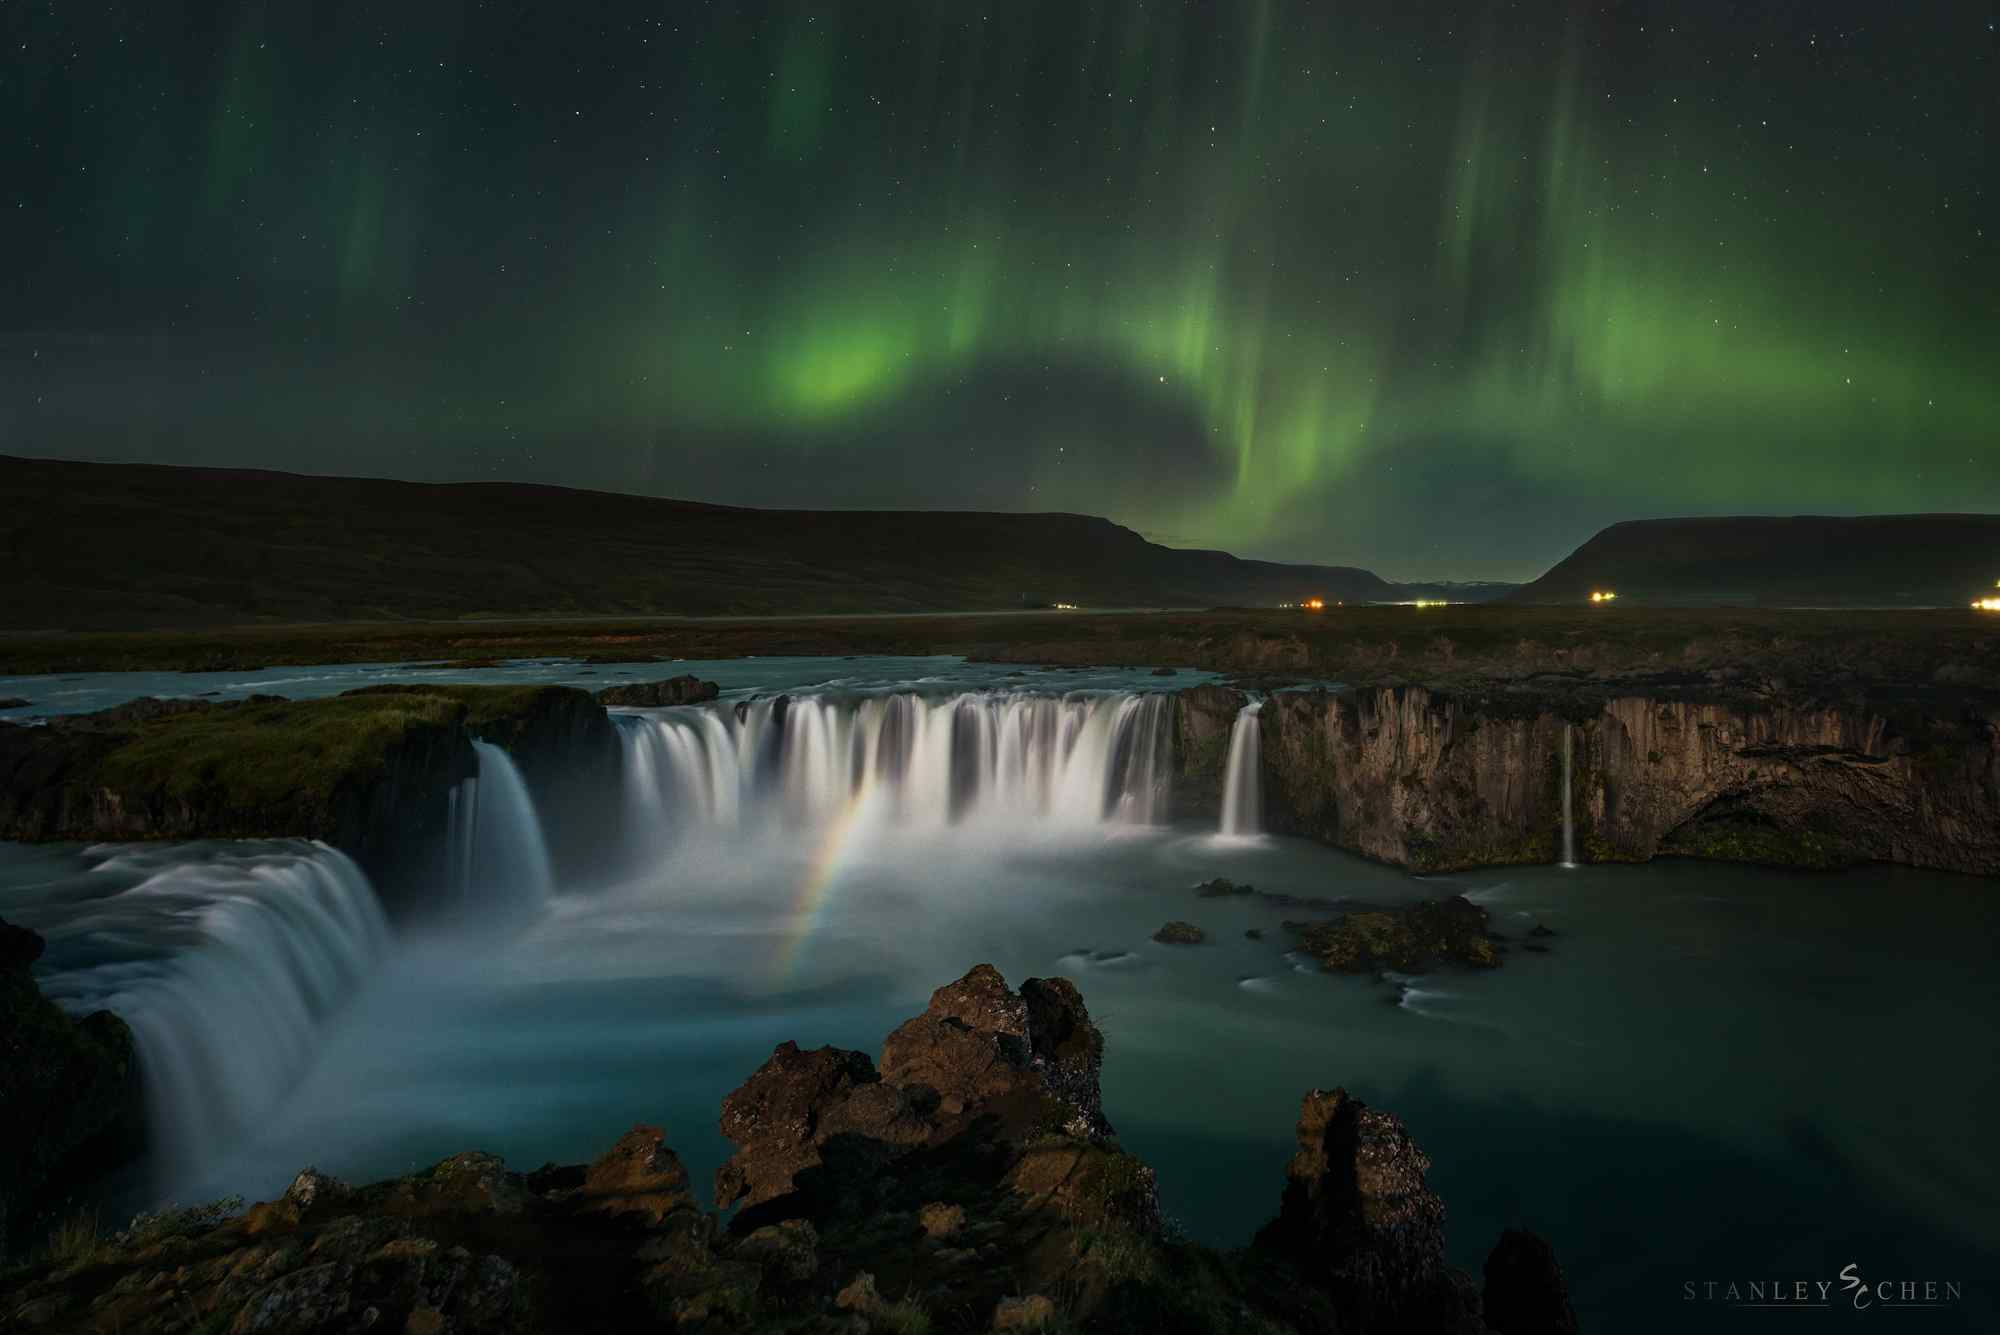 唯美梦幻的冰岛极光瀑布图片